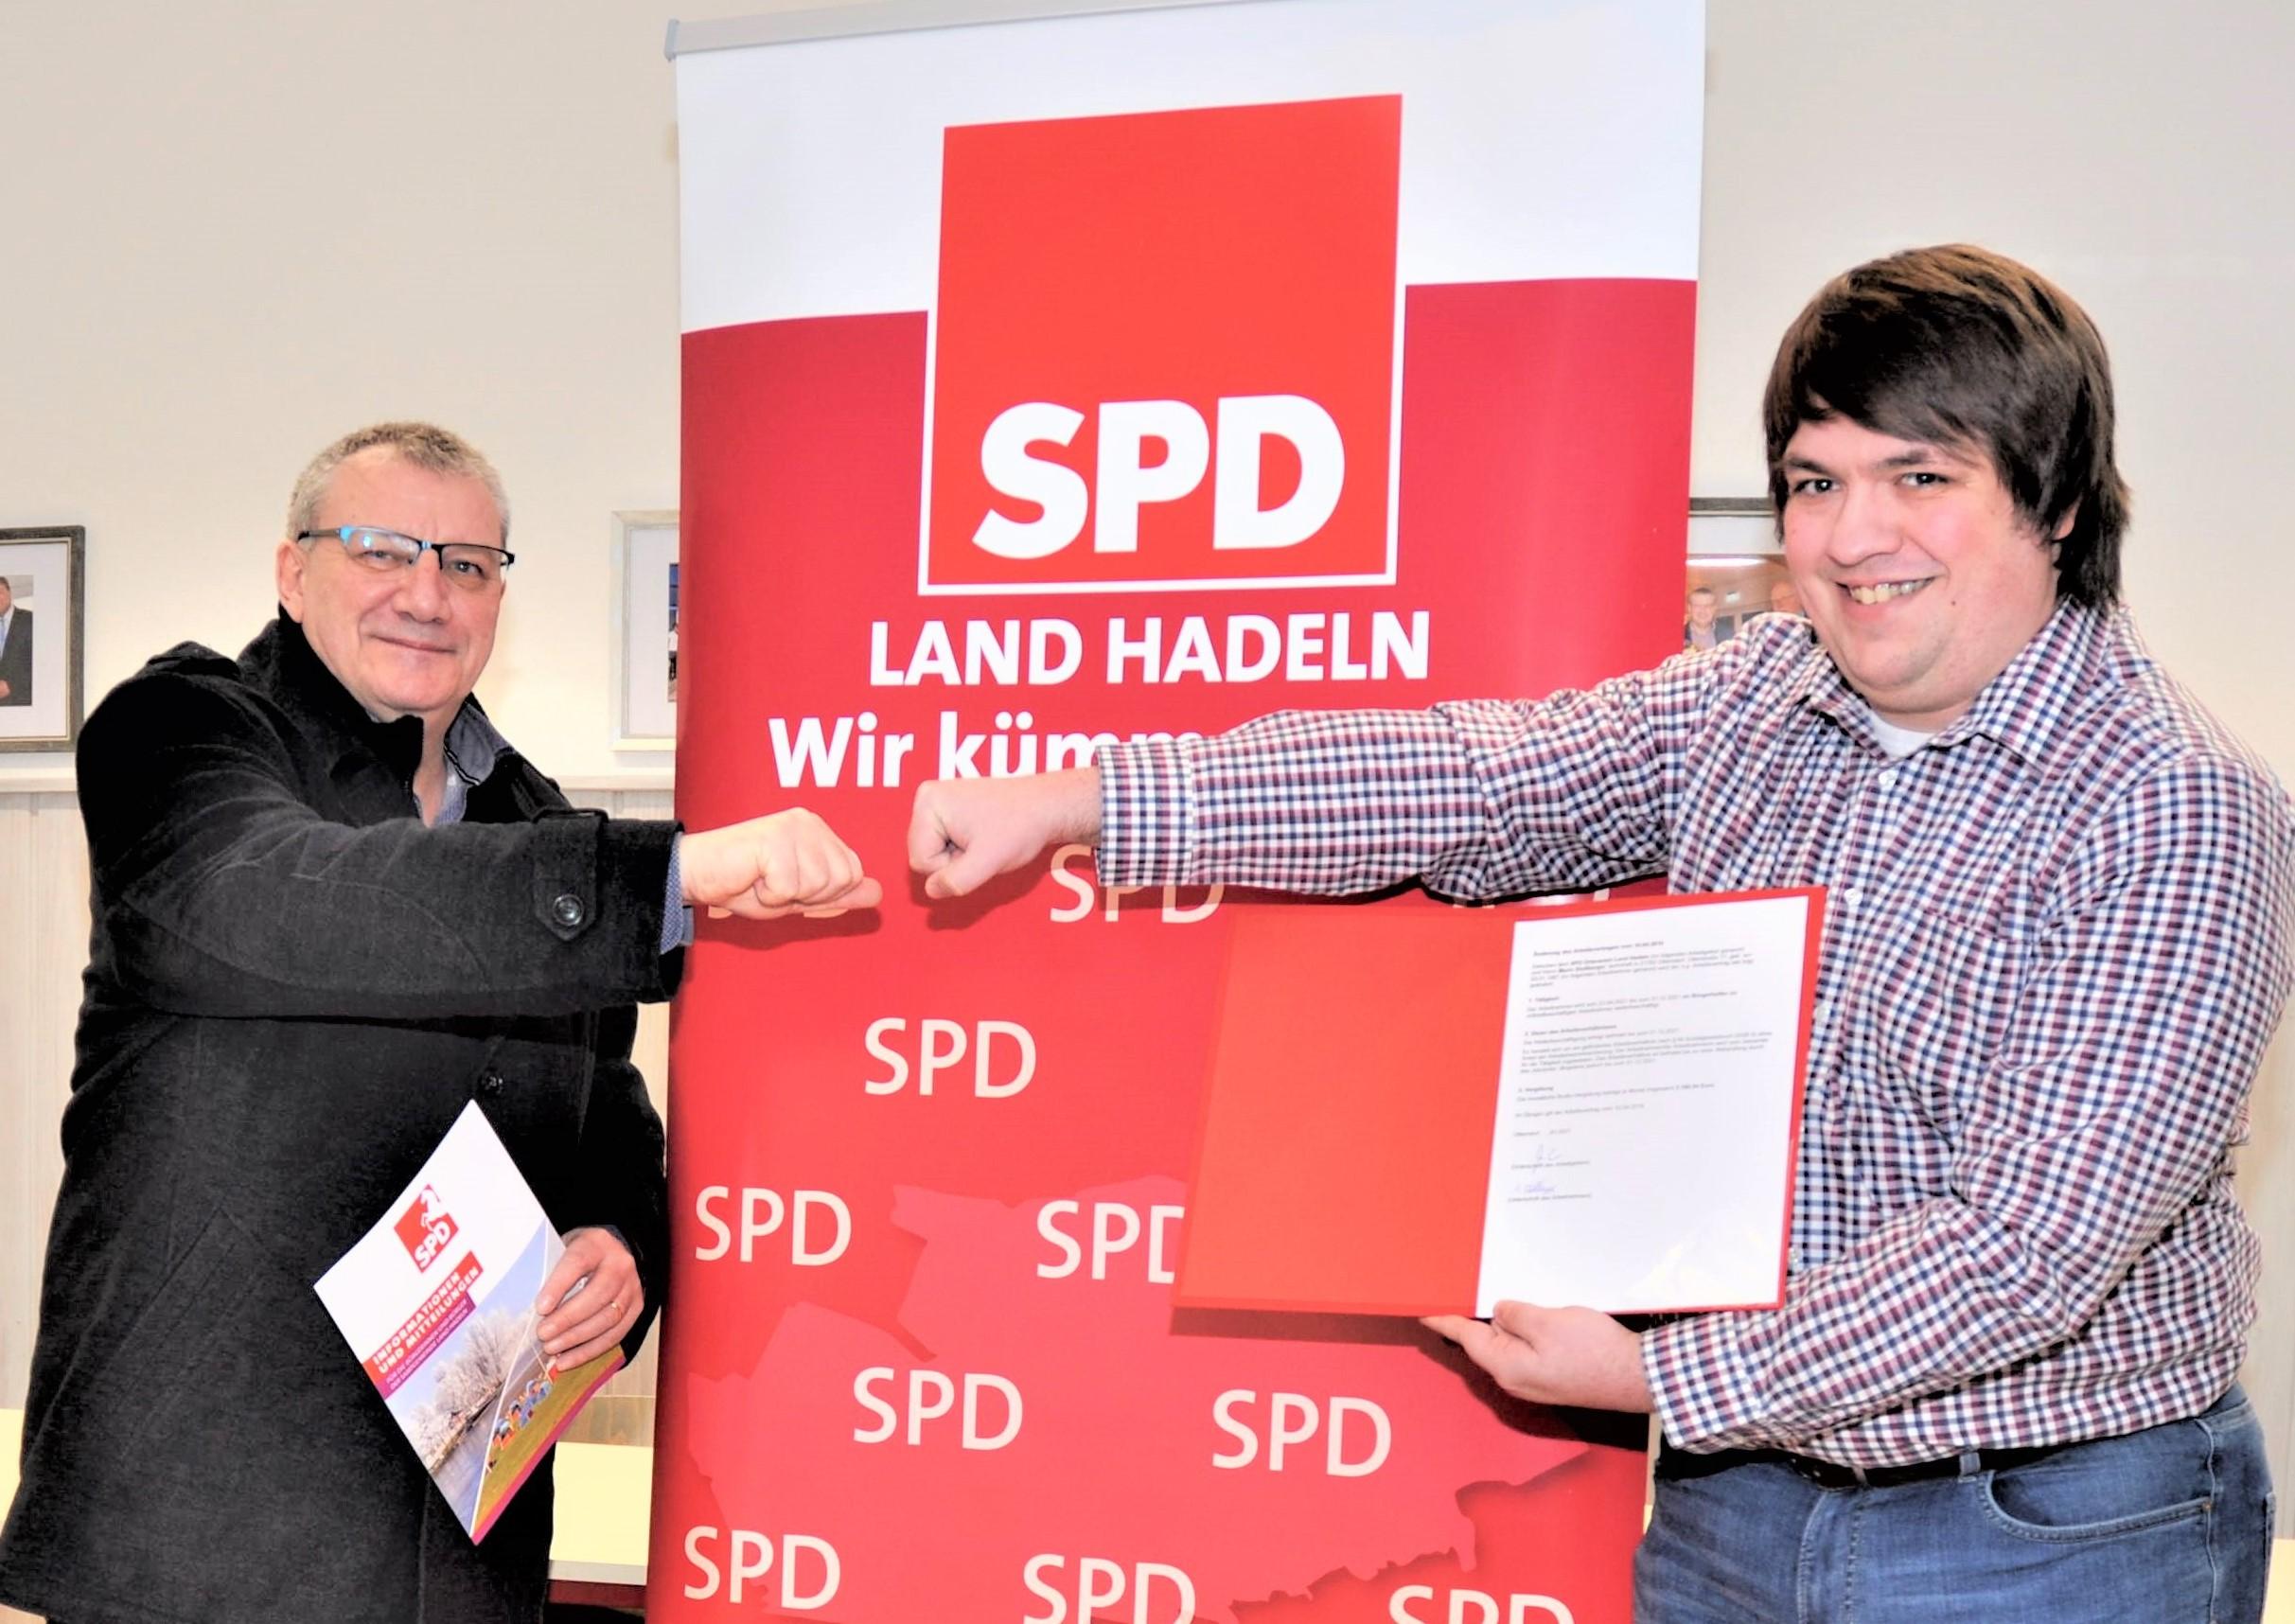 SPD_OV_Land_Hadeln-Stolberger-Schlobohm